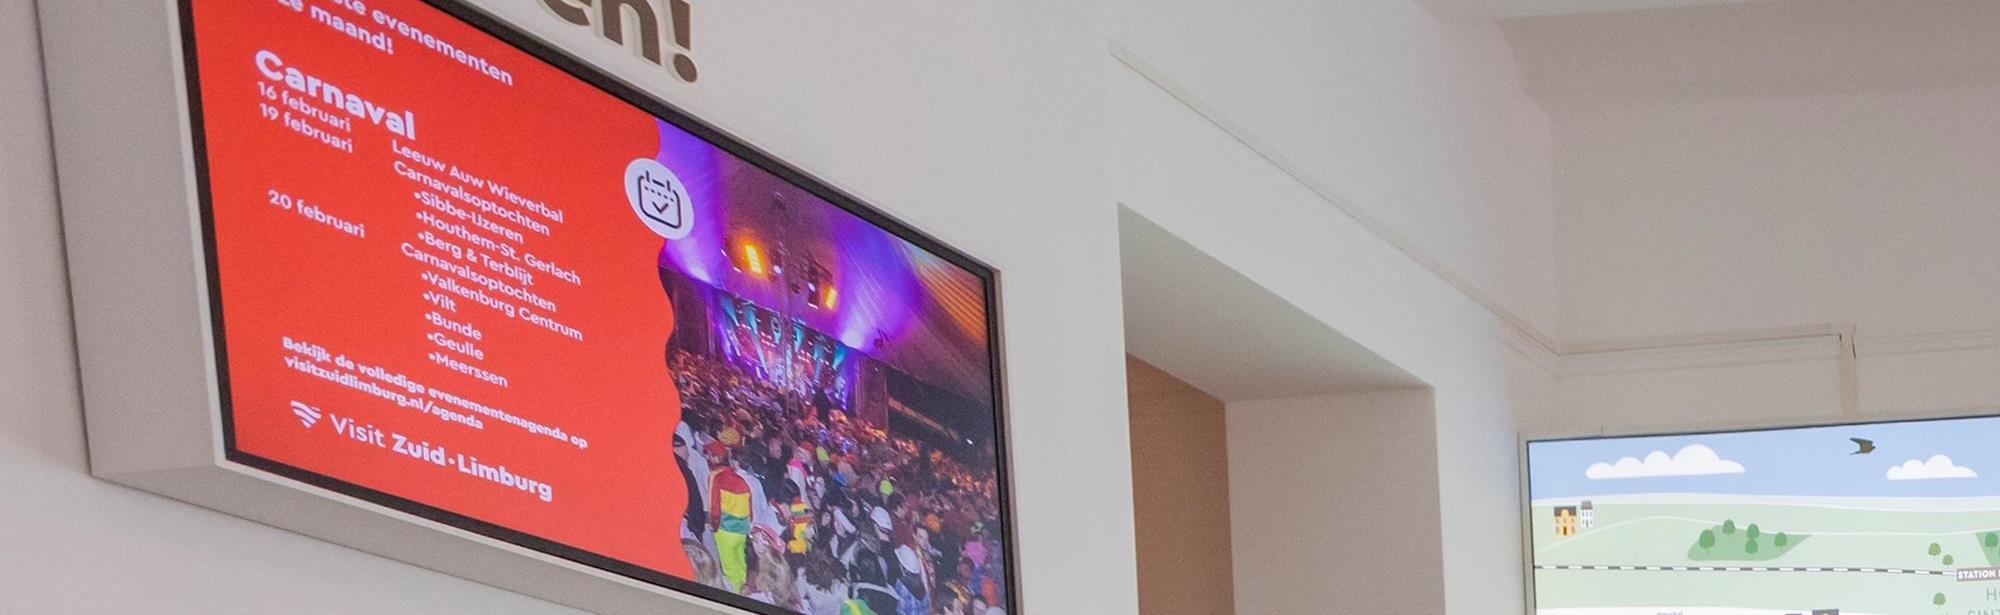 Visit Zuid-Limburg Valkenburg